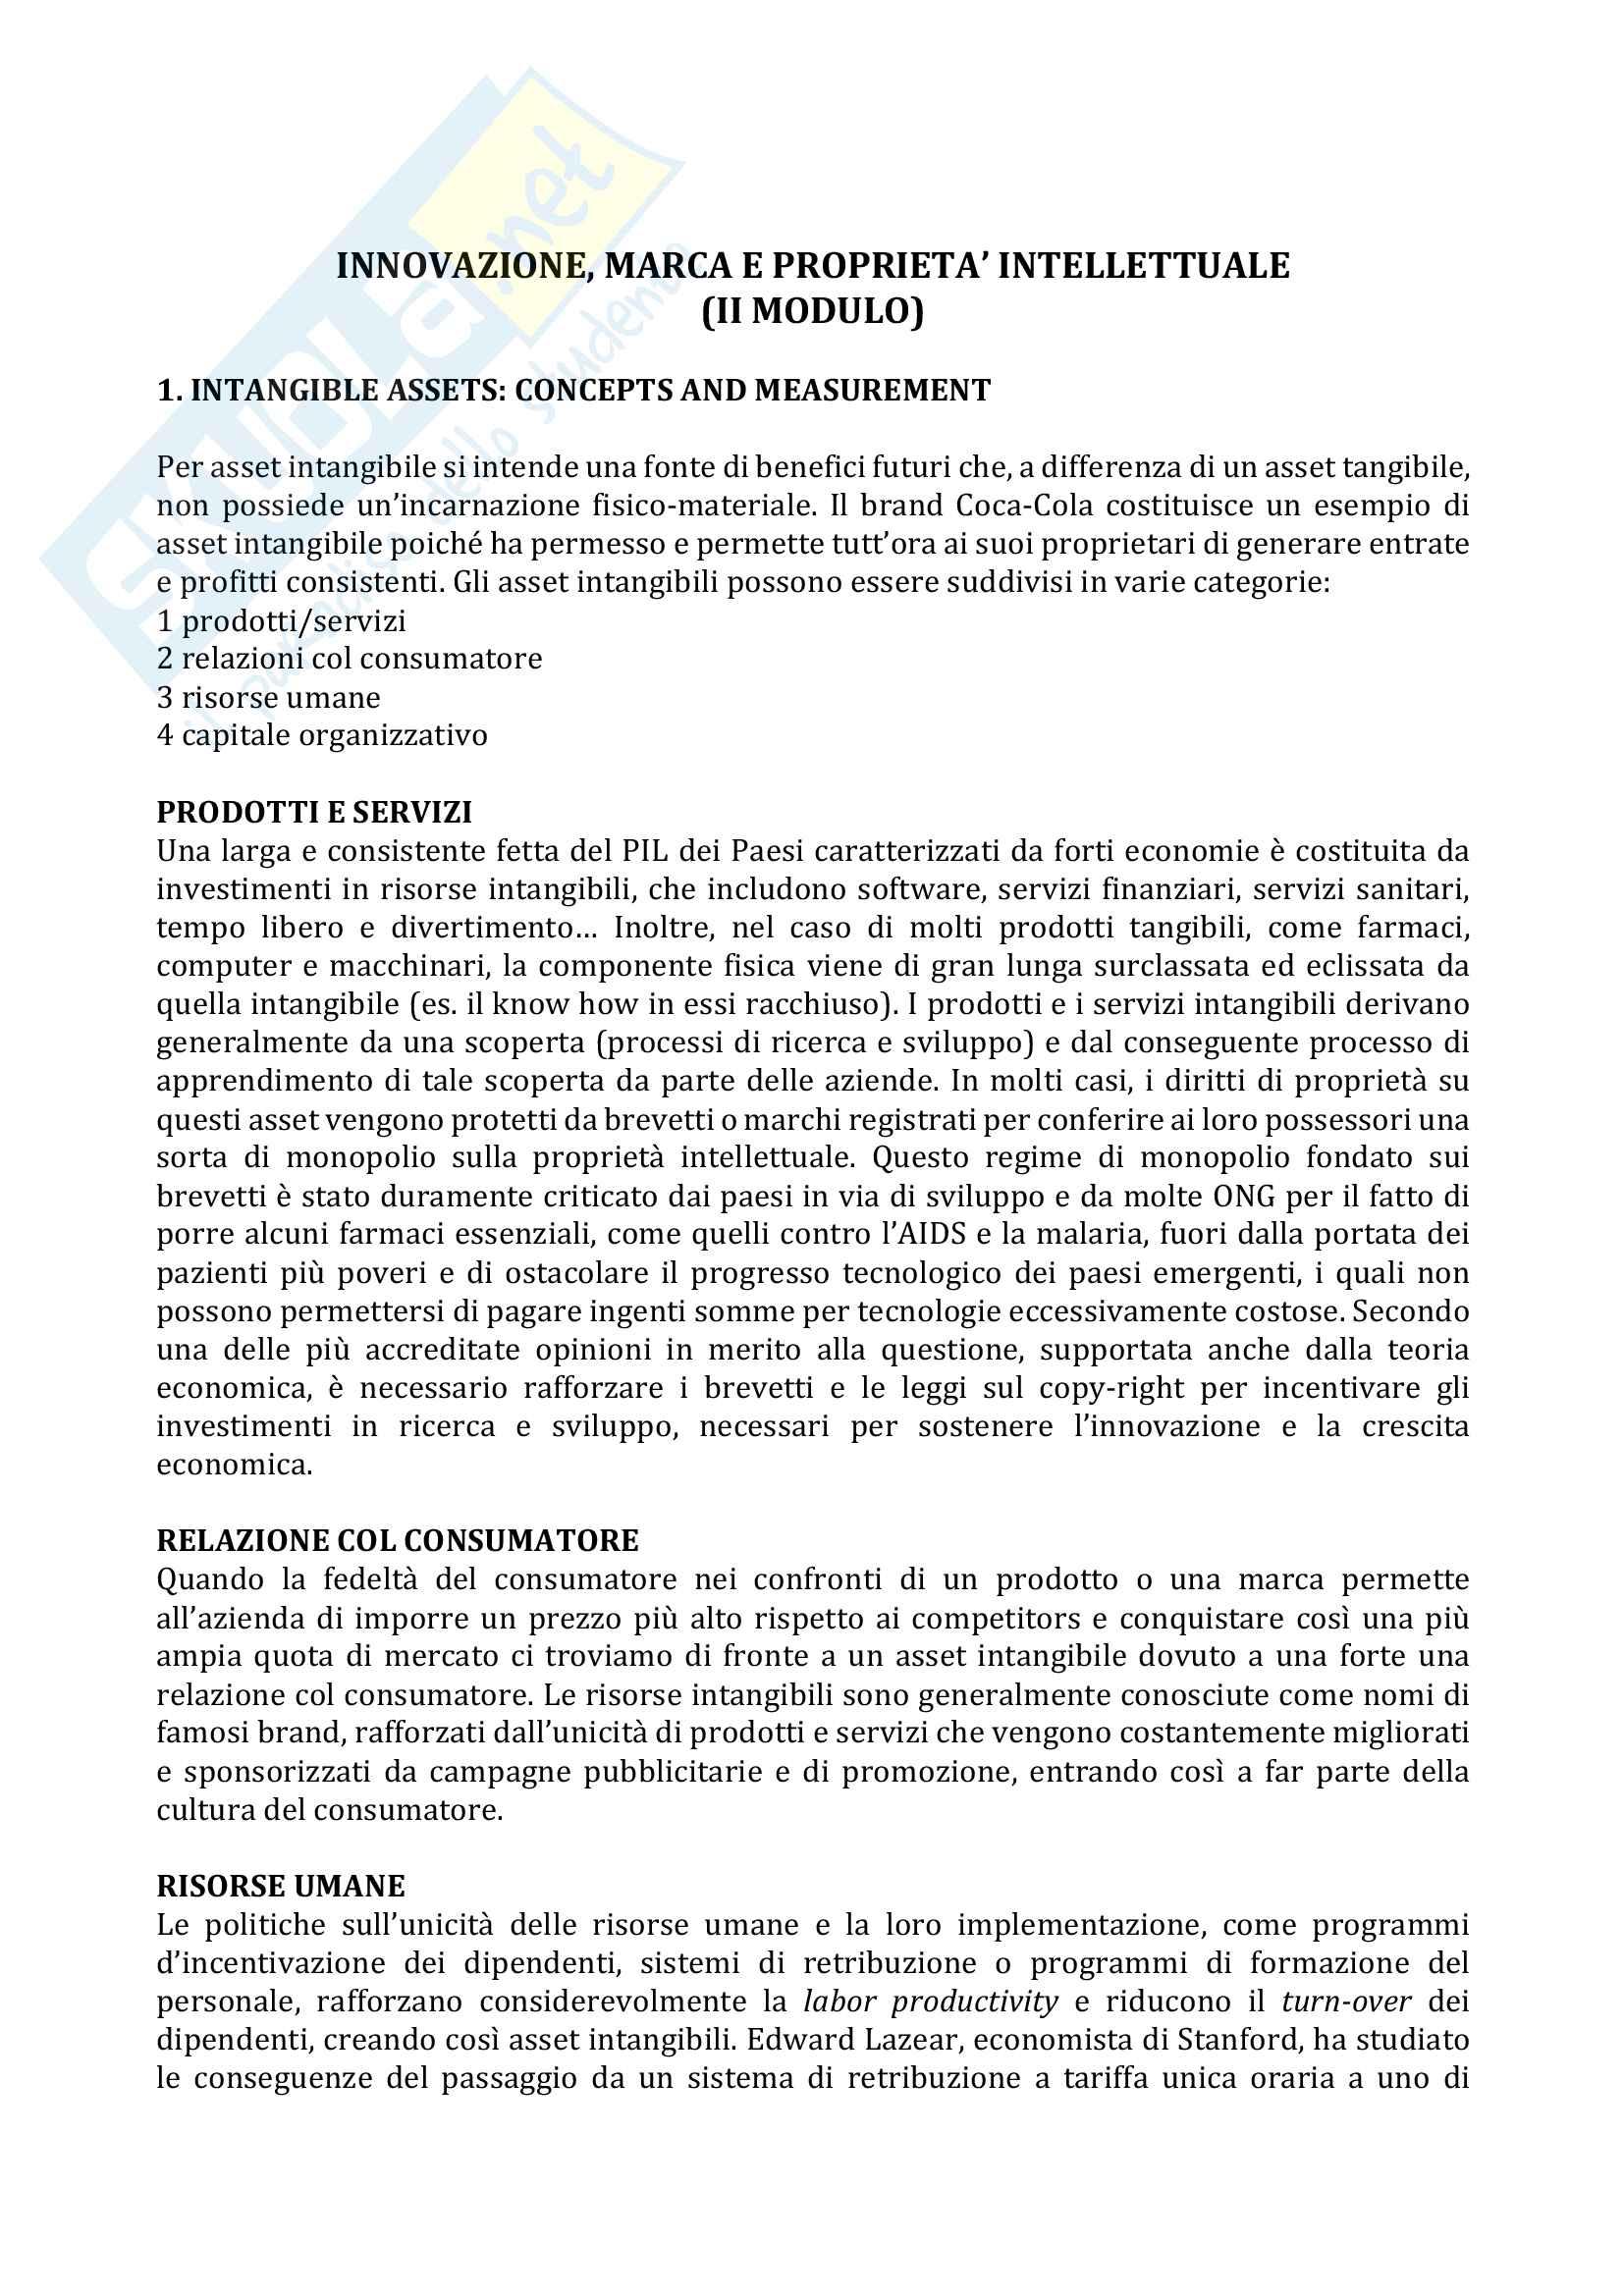 """Riassunto esame Innovazione, marca e proprietà intellettuale, prof. Mancusi - Fiocca, libro consigliato """"dispensa della prof. Mancusi"""" - (II modulo)"""